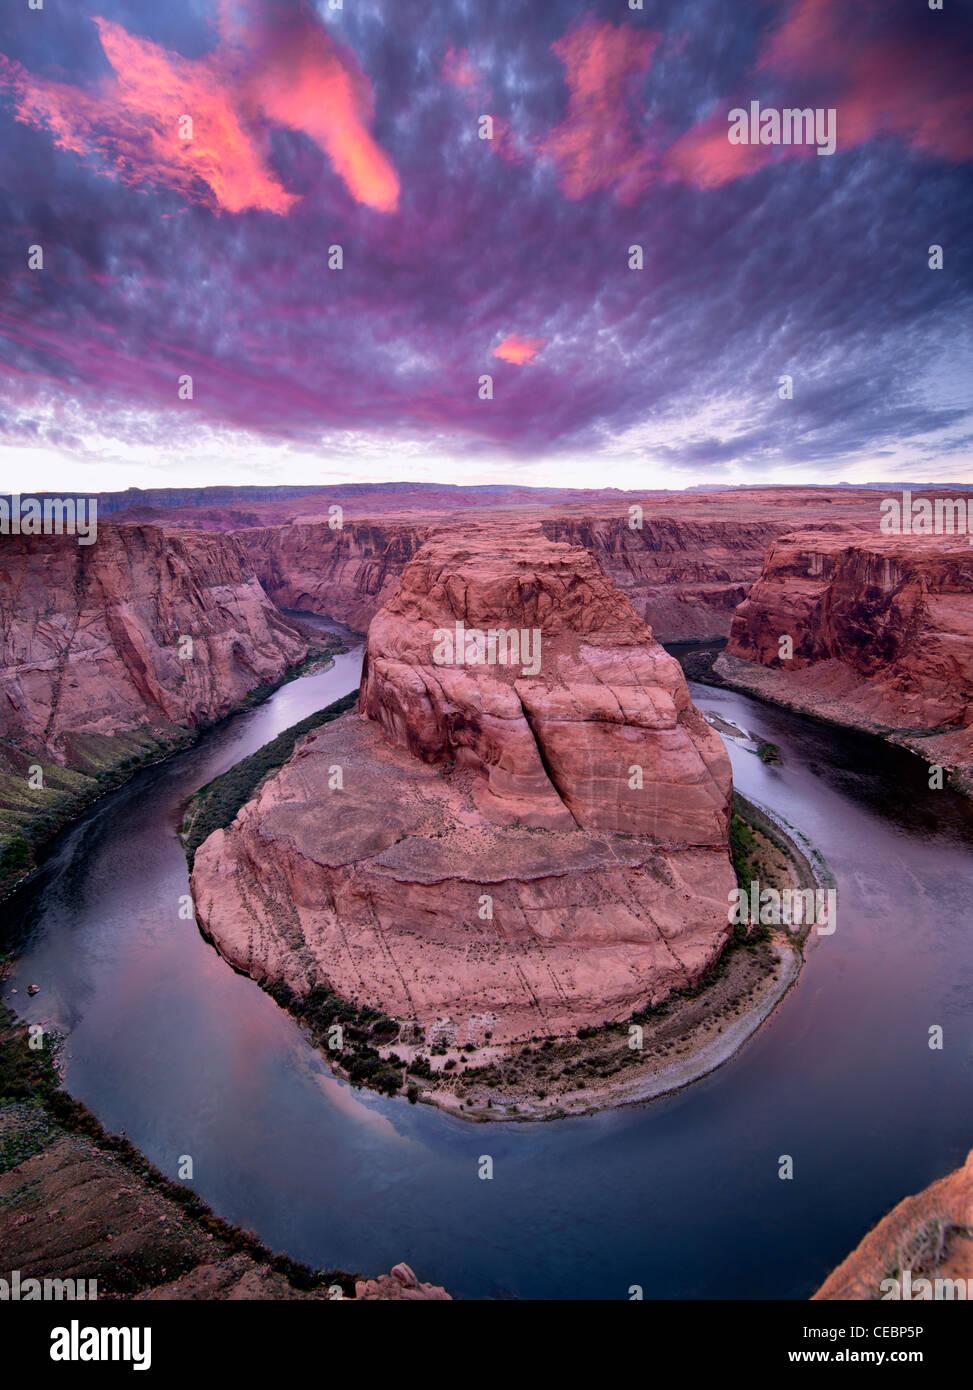 Atardecer en Horeshoe curva en el río Colorado. Arizona Imagen De Stock